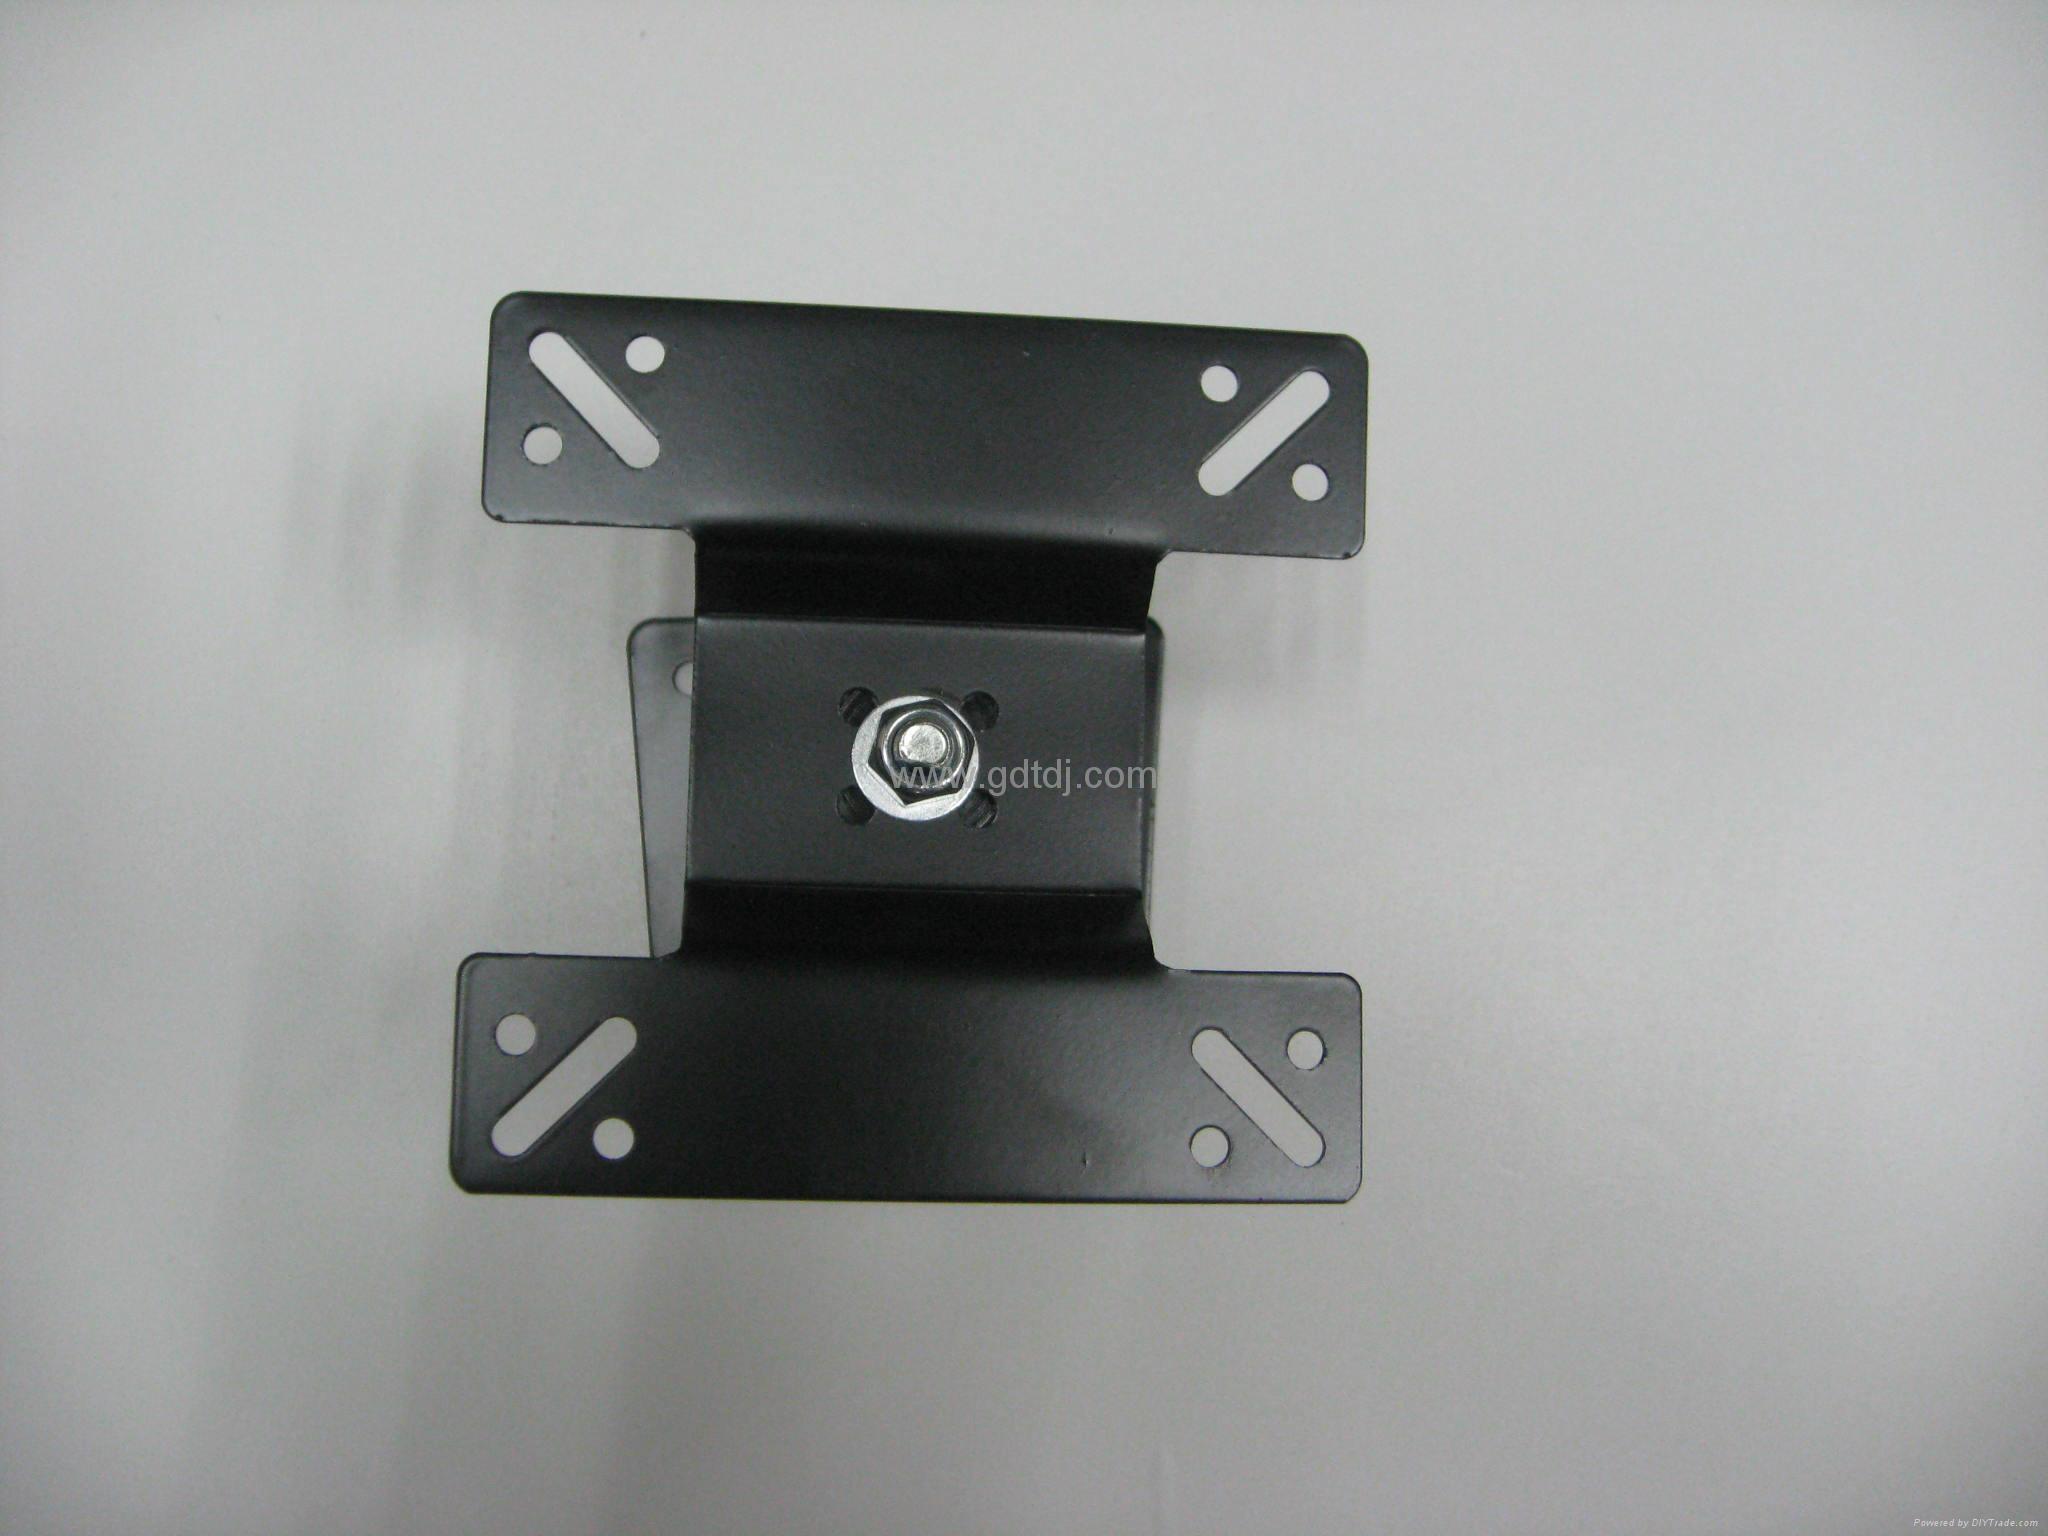 旋轉電腦壁挂架 顯示器支架 萬向調節電腦支架F-03 3